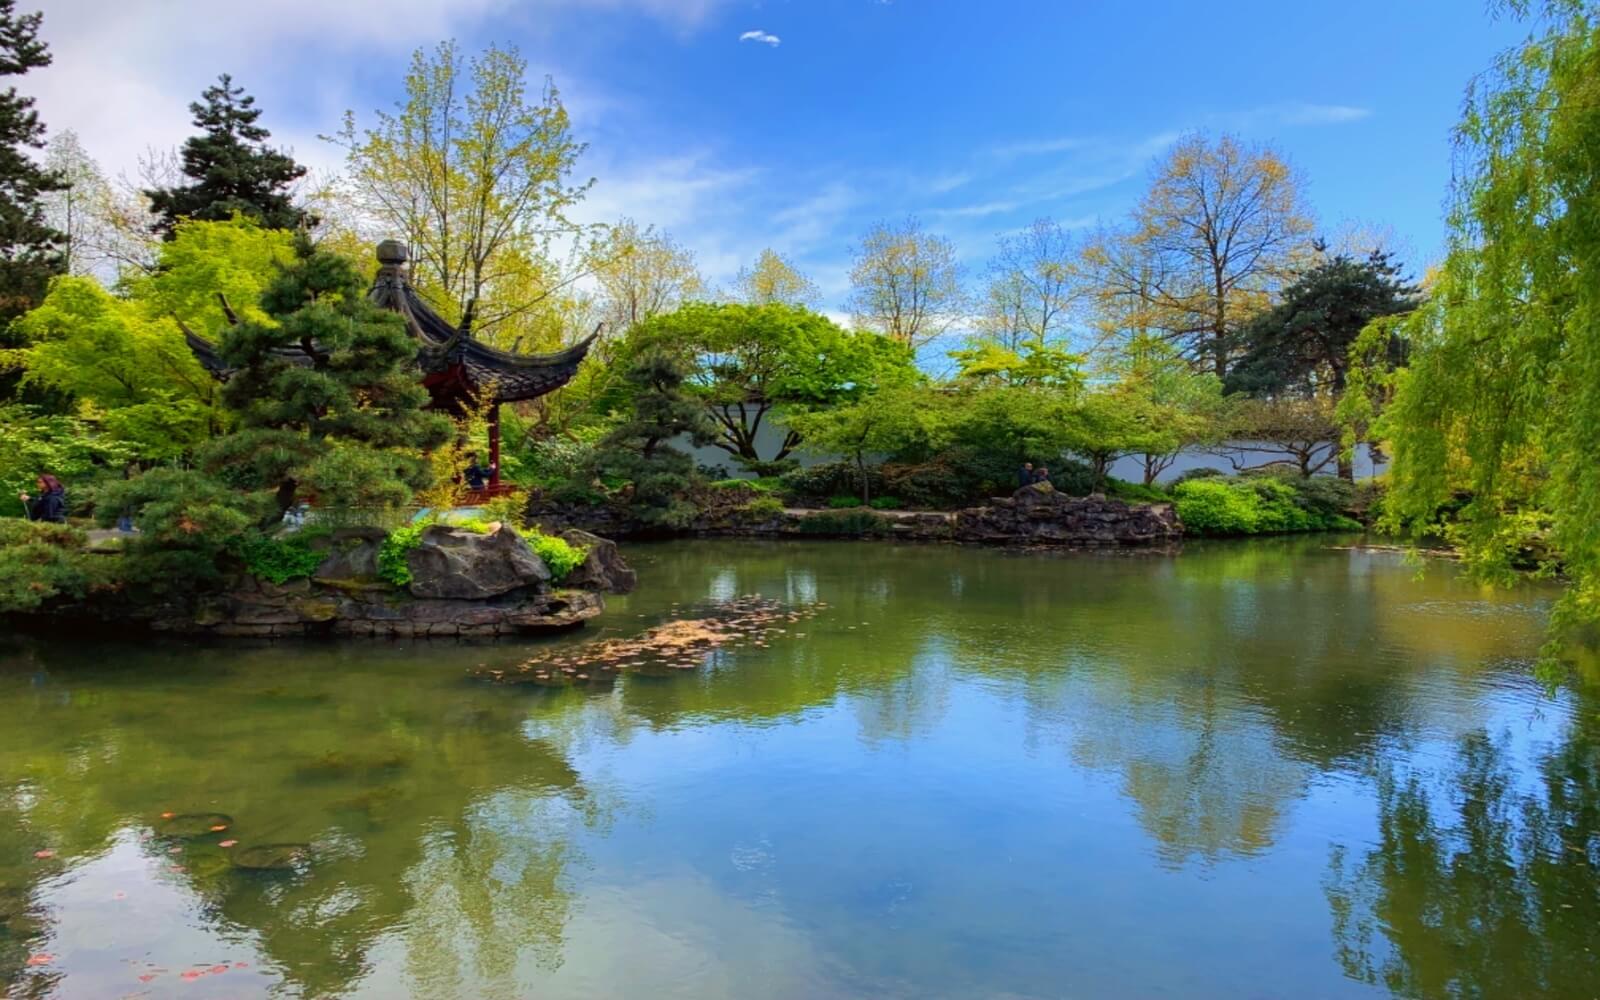 A pond at Dr. Sun Yat-Sen Park